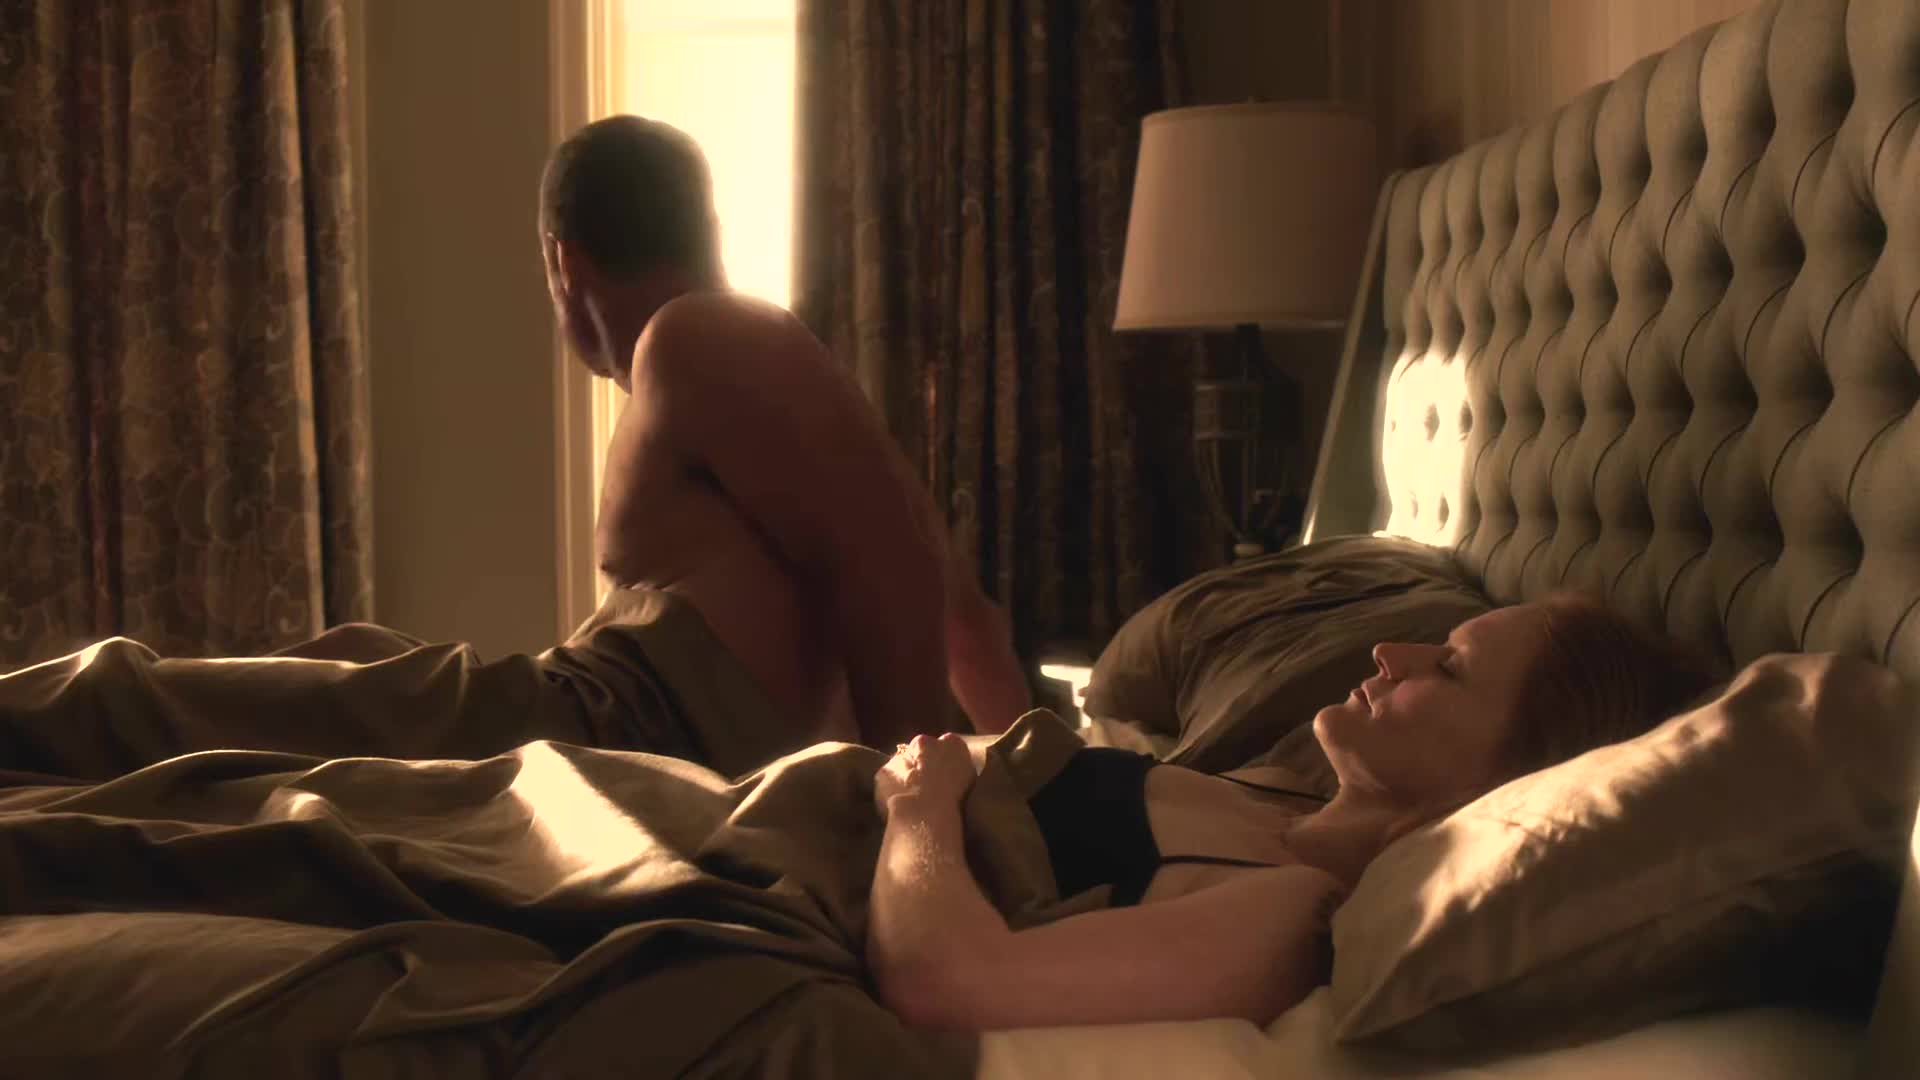 Ray Donovan Nude Scenes